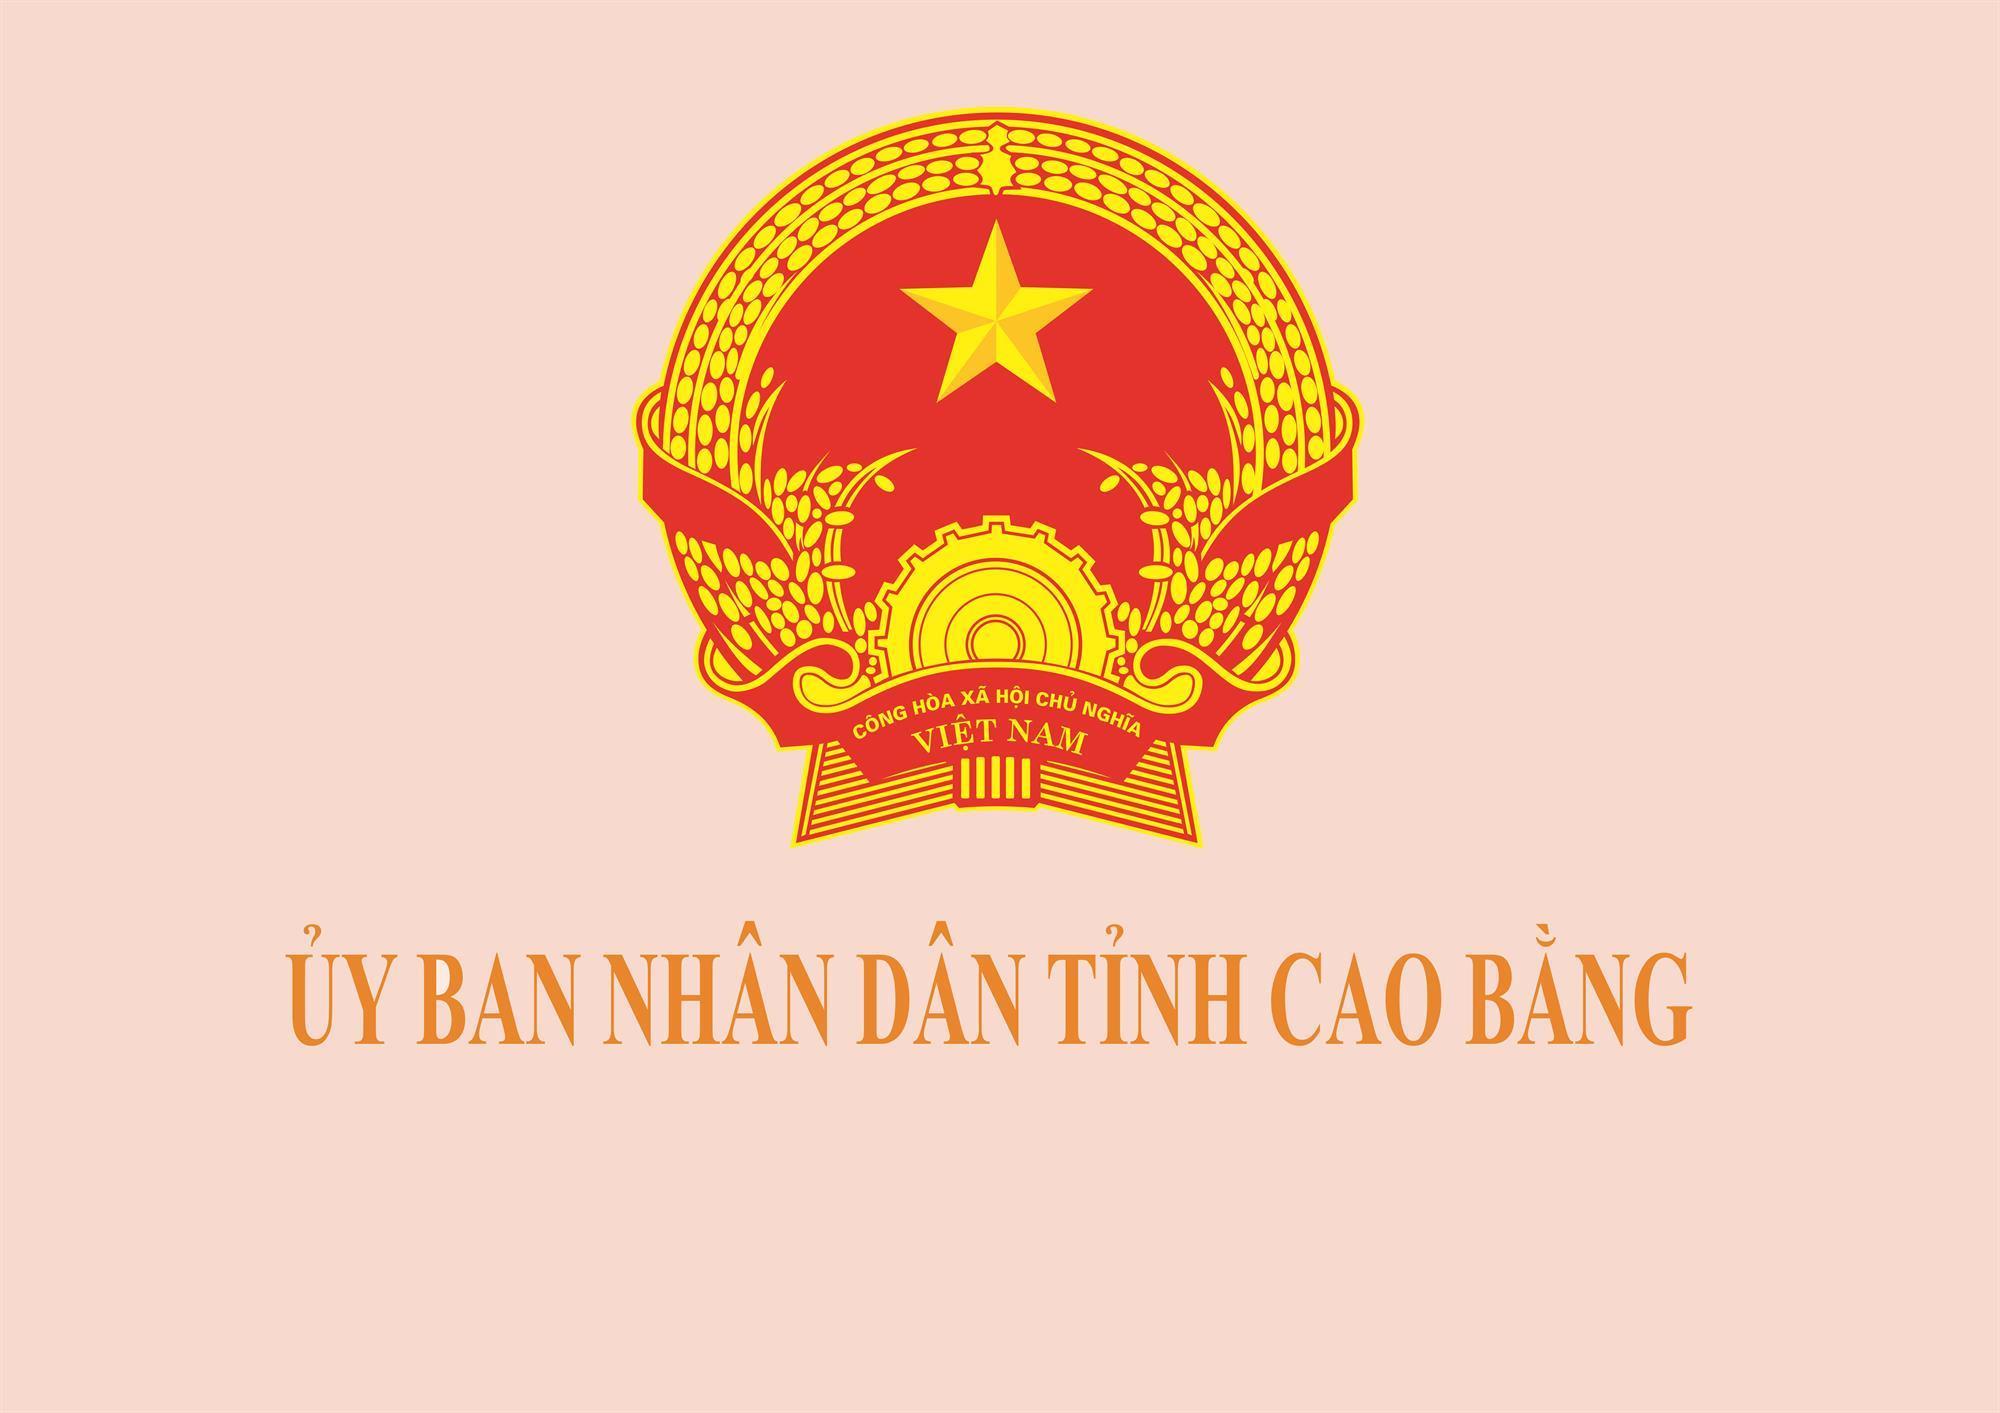 Công văn chỉ đạo của UBND tỉnh Cao Bằng